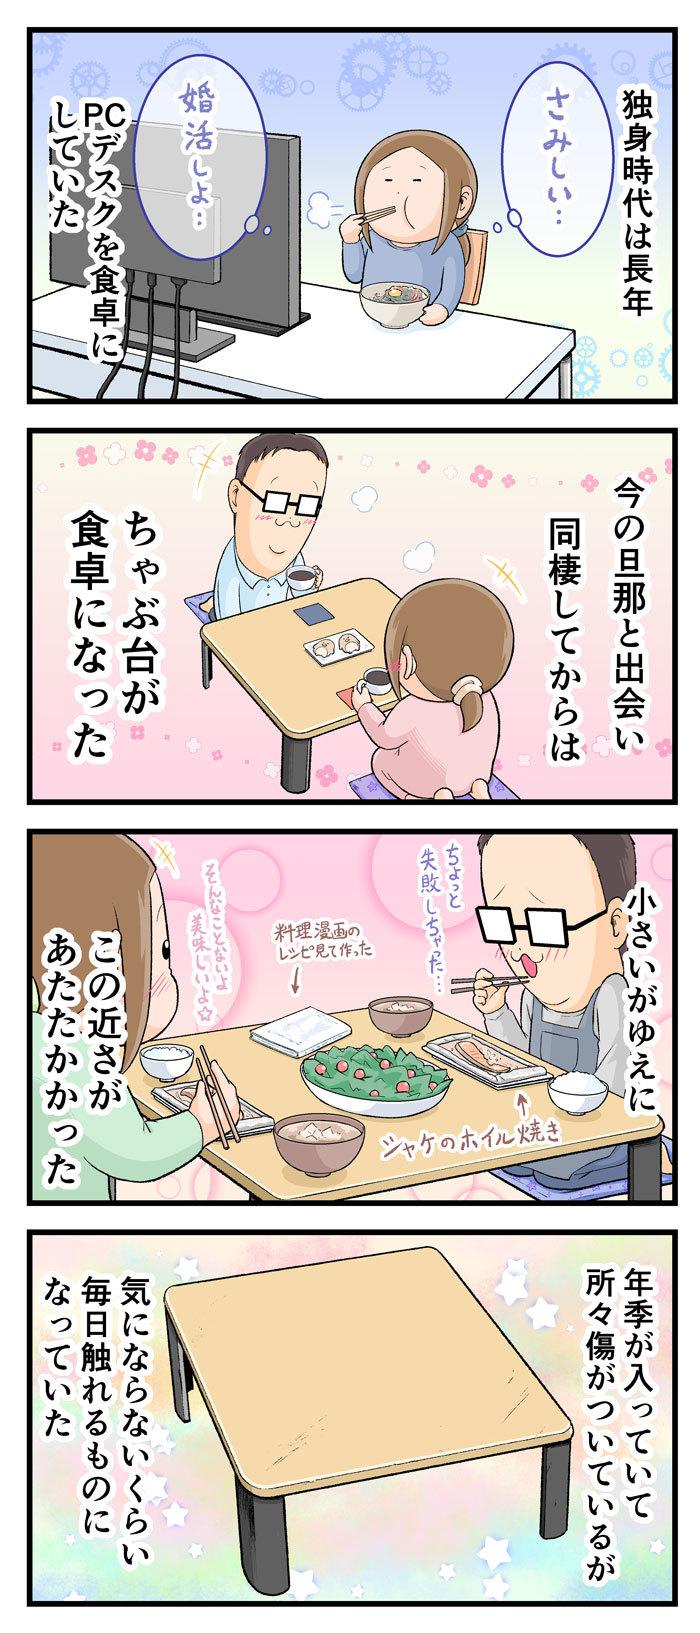 """生活の中心にある「食卓」。そこには、たくさんの""""家族の思い出""""が詰まっているの画像1"""